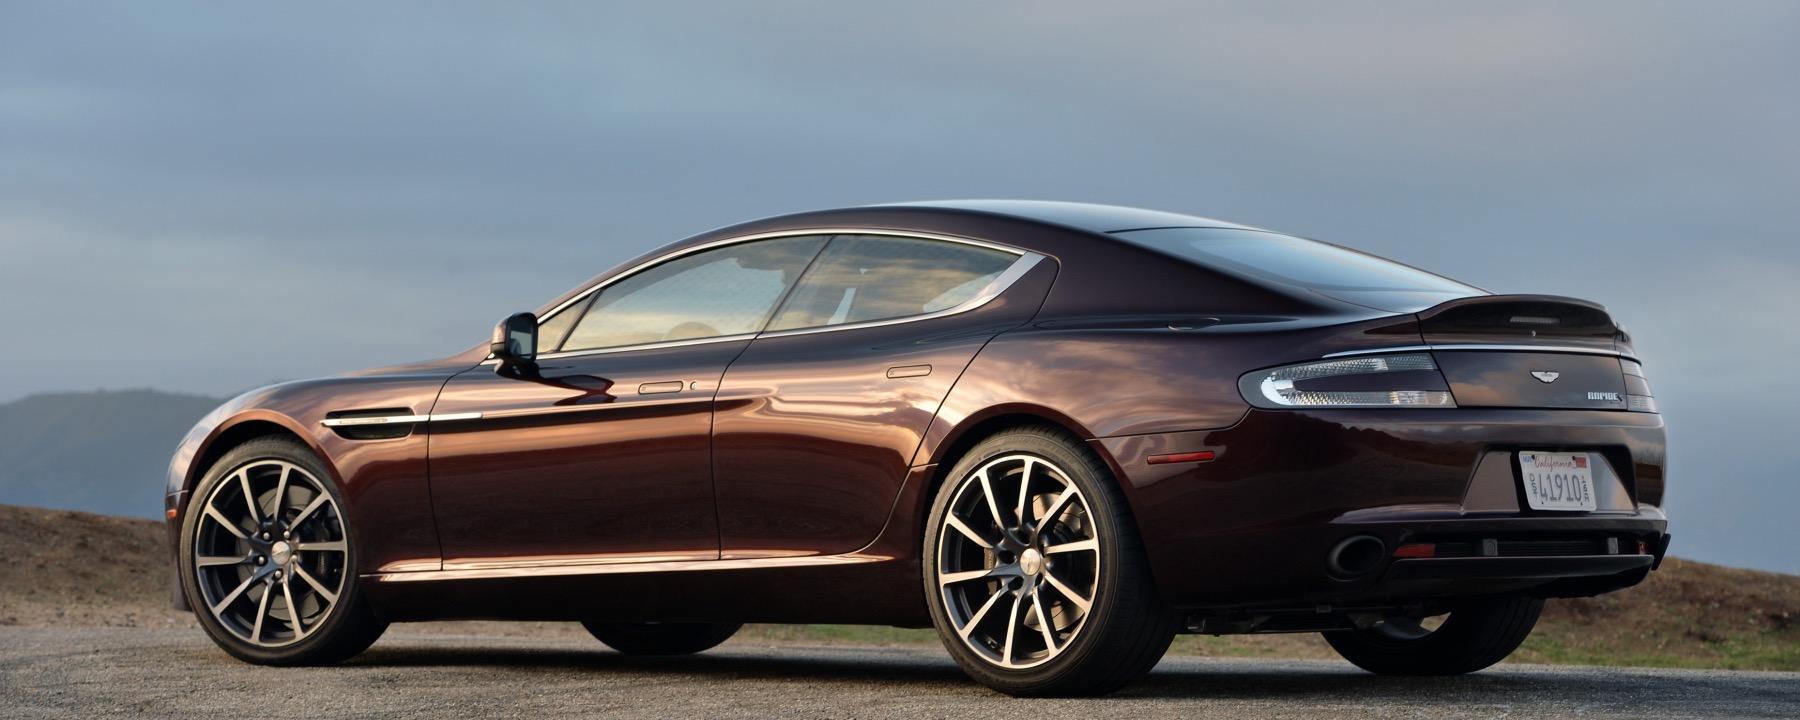 The Stunning Aston Martin Rapide S Aston Martin Rancho Mirage Blog - Aston martin rapid s